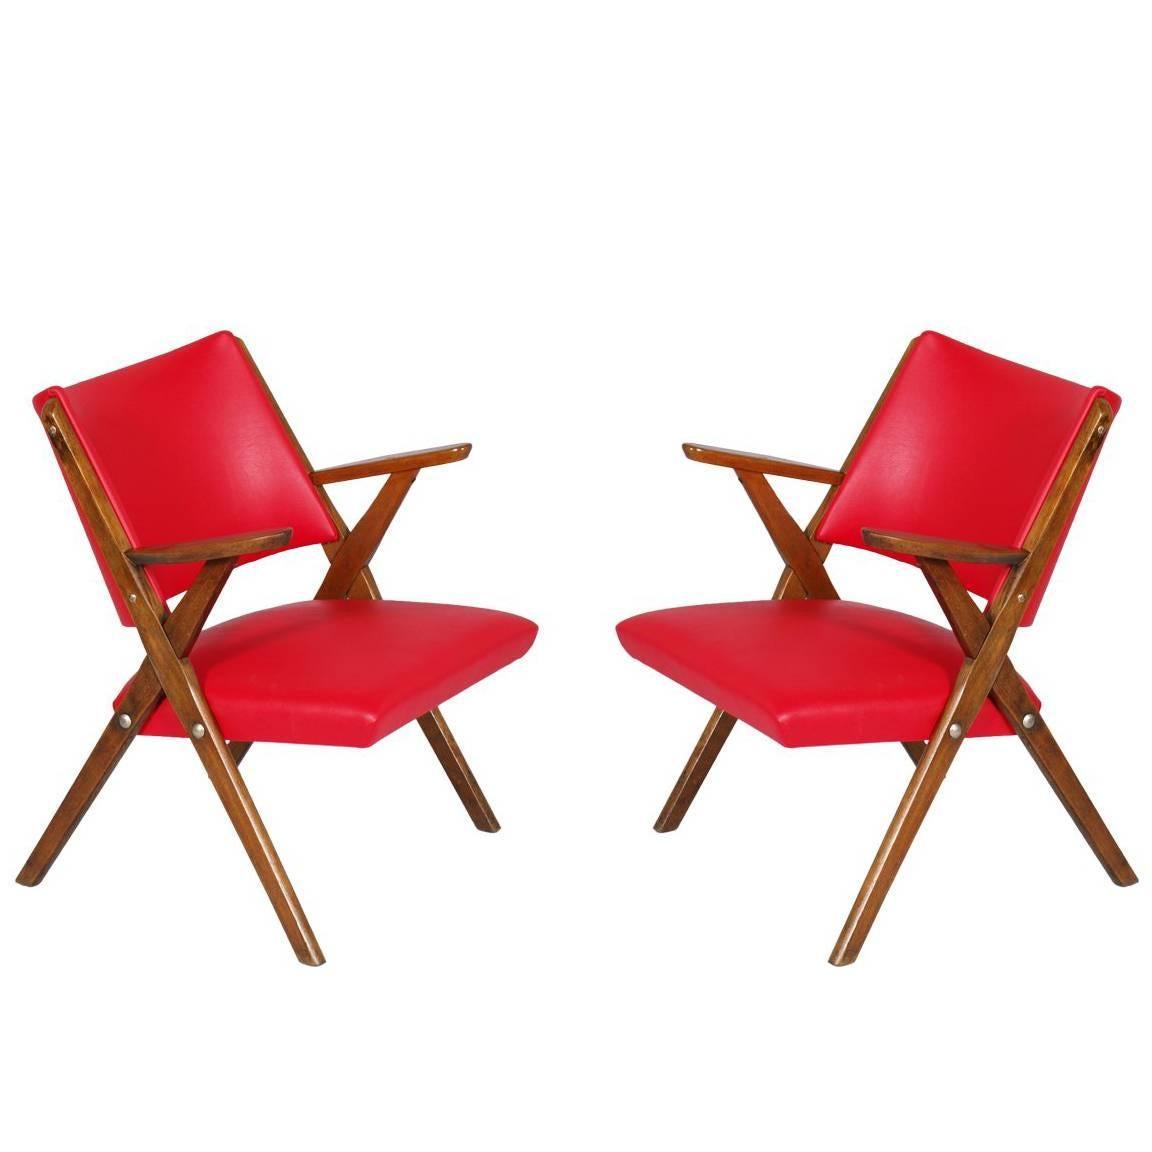 midcentury modern italy dal vera easy chair hans wegner u0026amp carl hansen